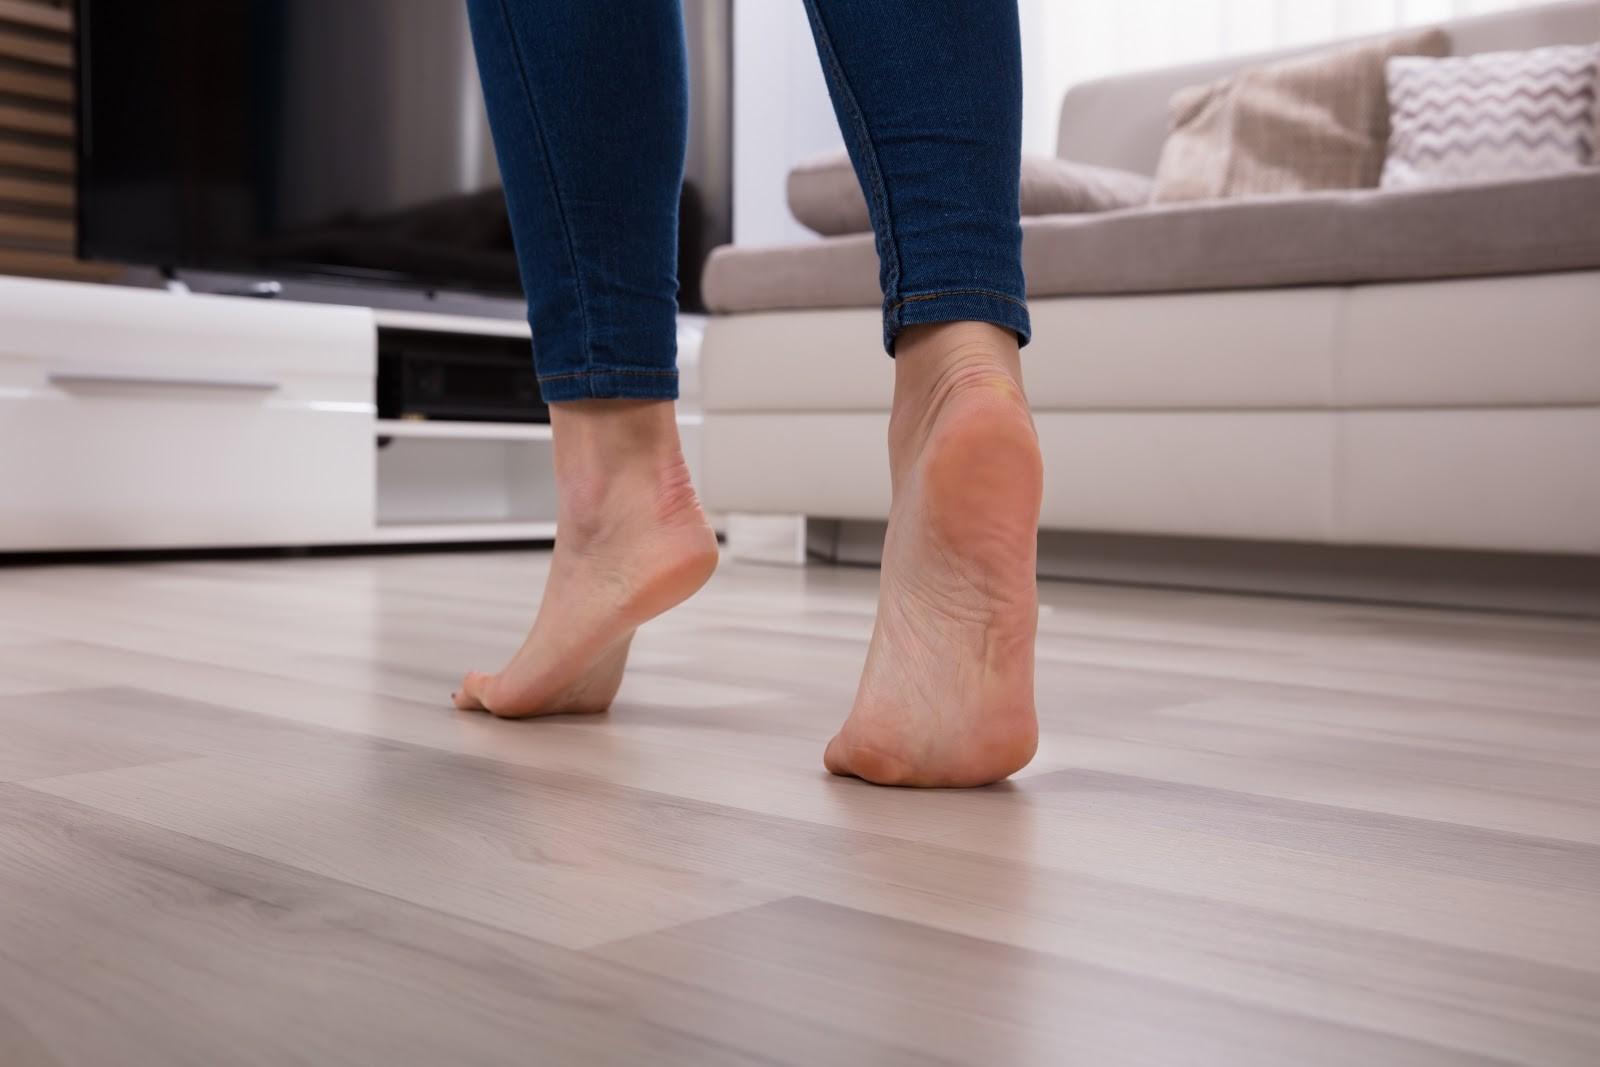 Vloerverwarming in combinatie met welke vloer #vloerverwarming #vloer #verwarmen #wonen